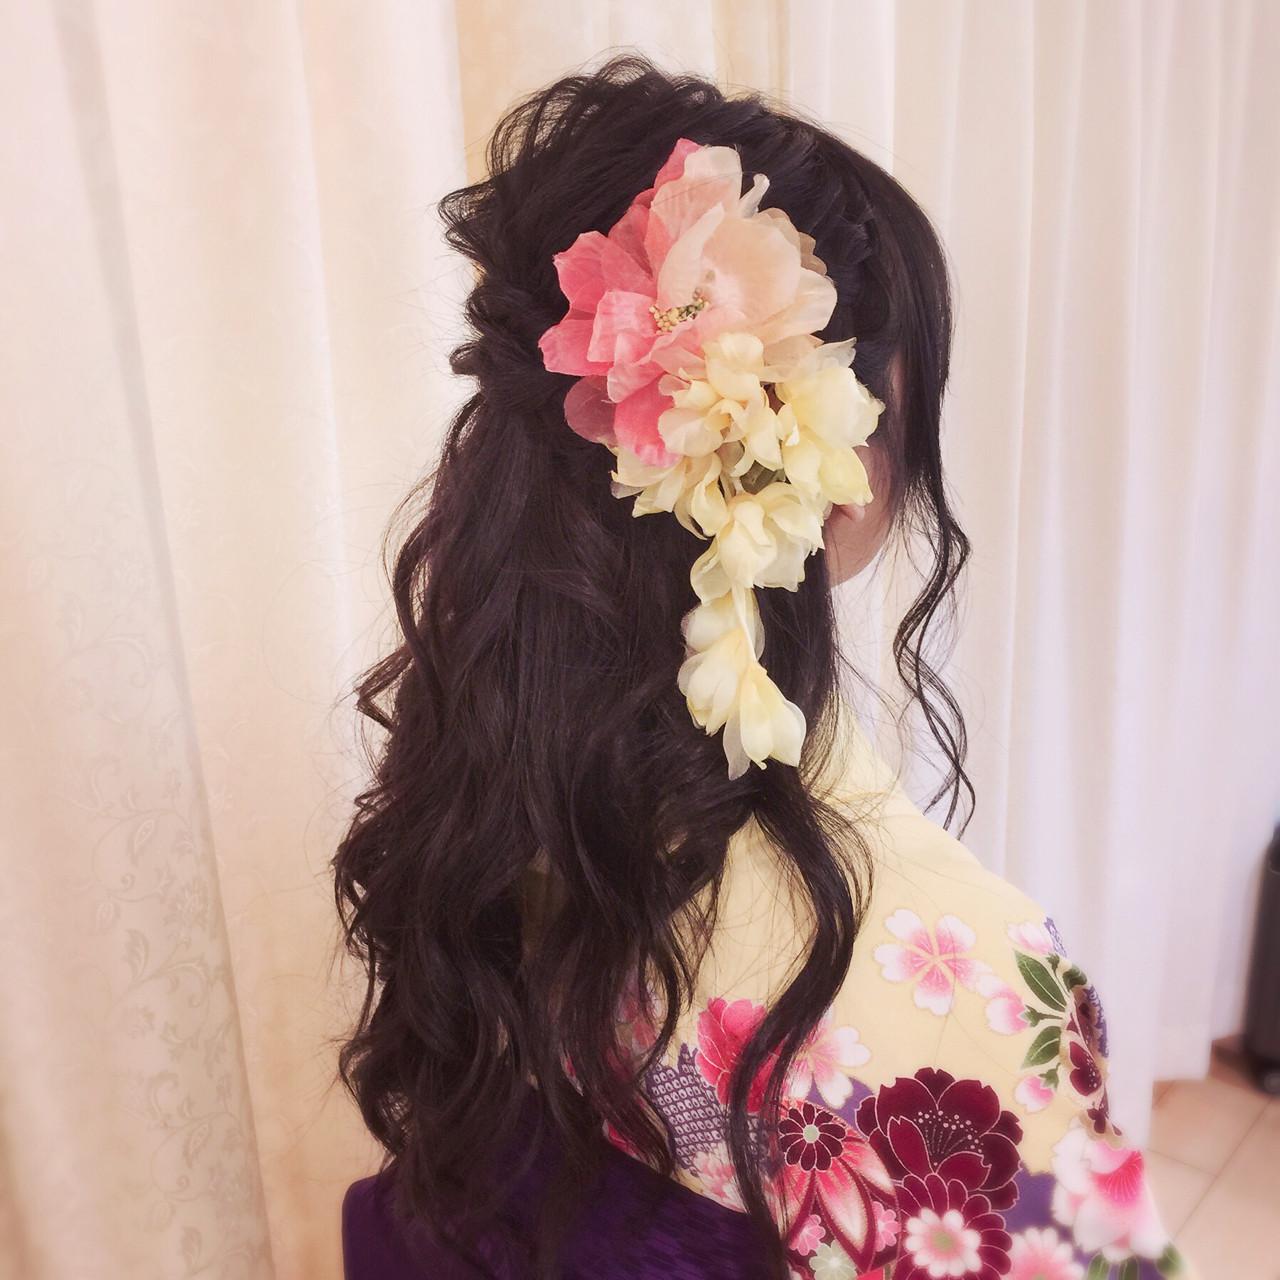 ロング 袴 ヘアアレンジ ガーリー ヘアスタイルや髪型の写真・画像